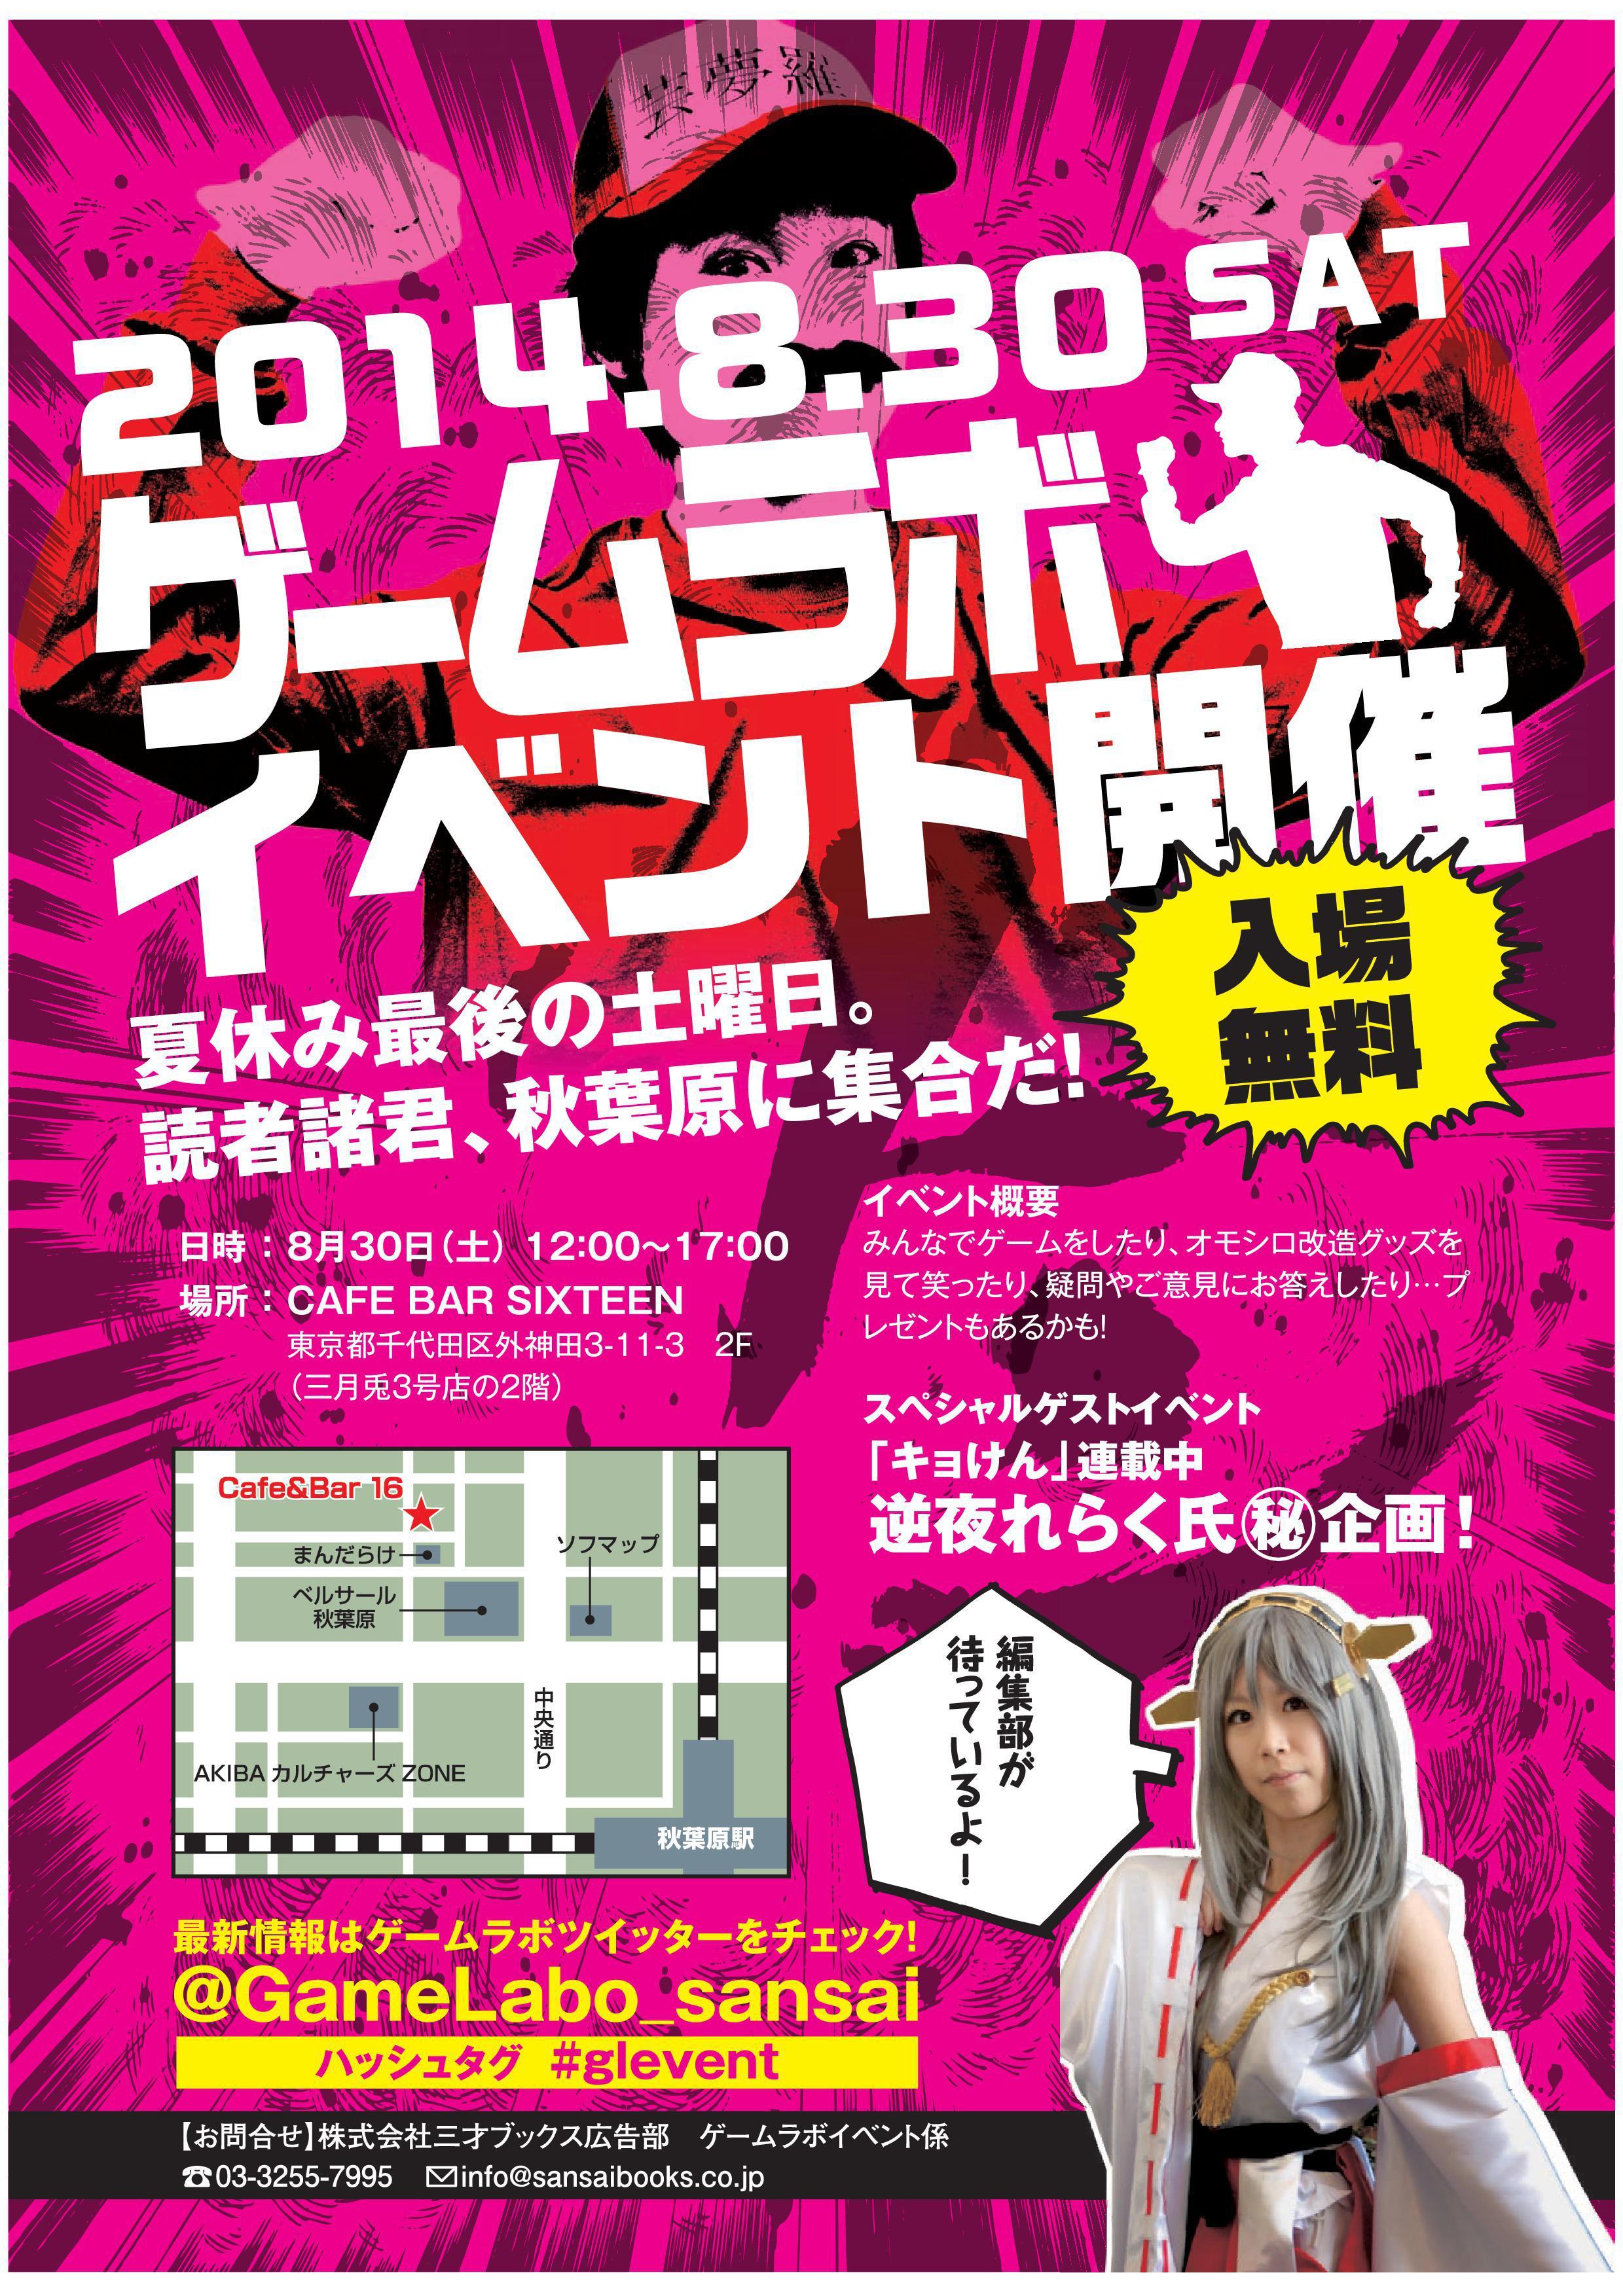 【ゲーラボっ子】8月30日(土)ゲームラボイベント開催!【いざ集え!】